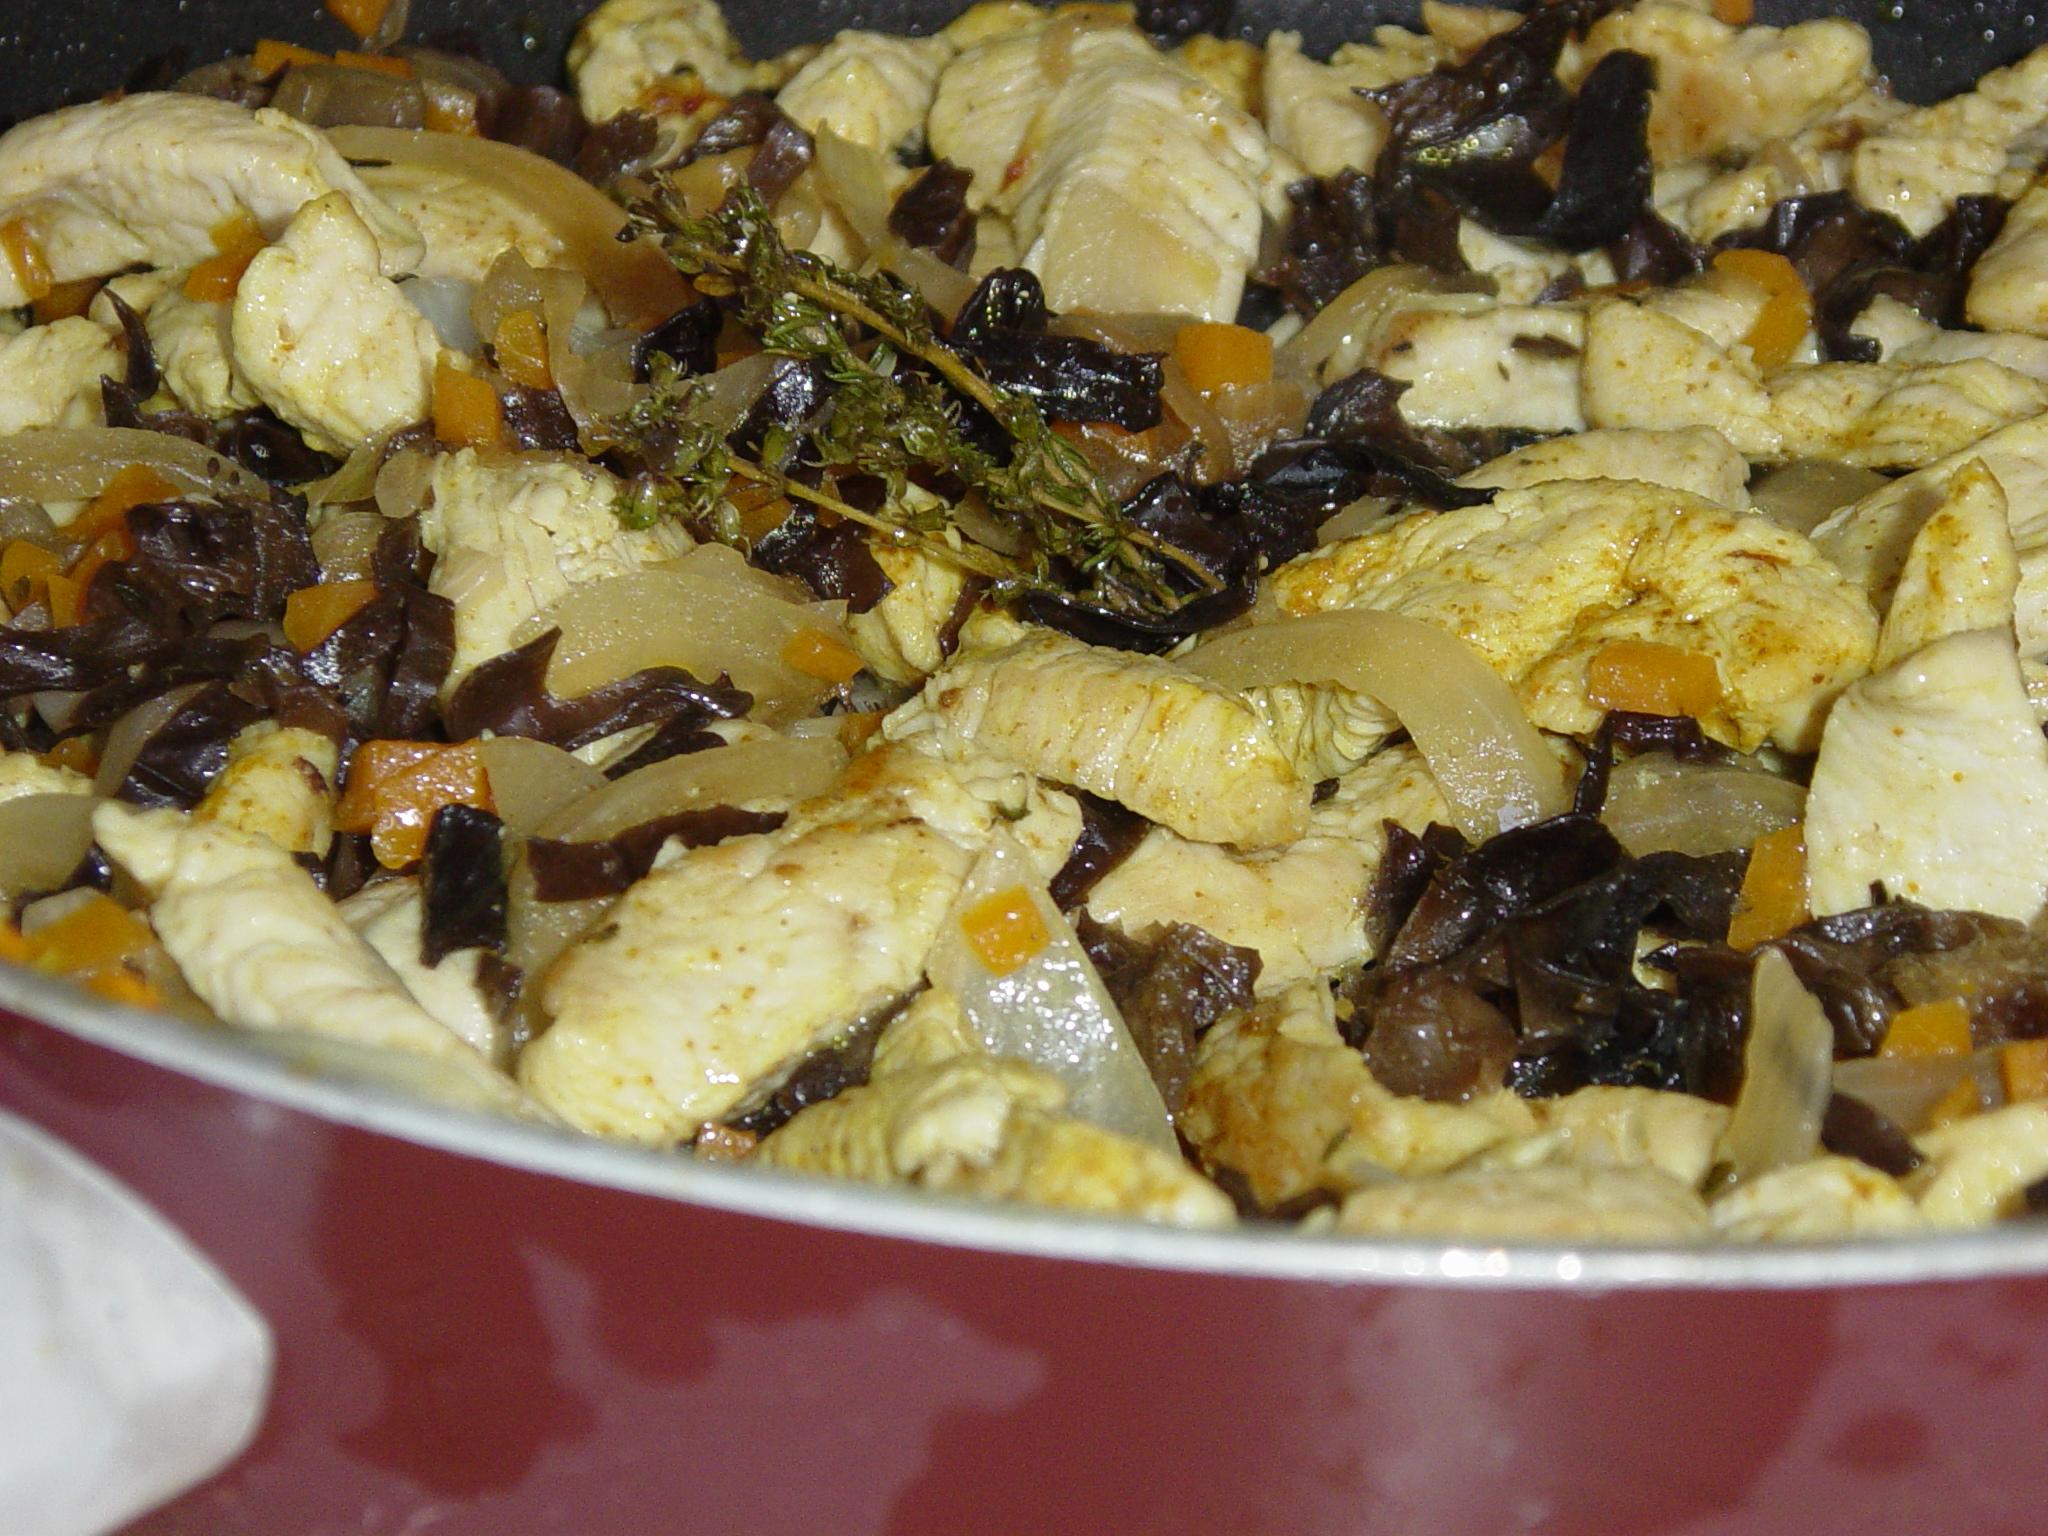 Poulet parfumé aux champignons noirs